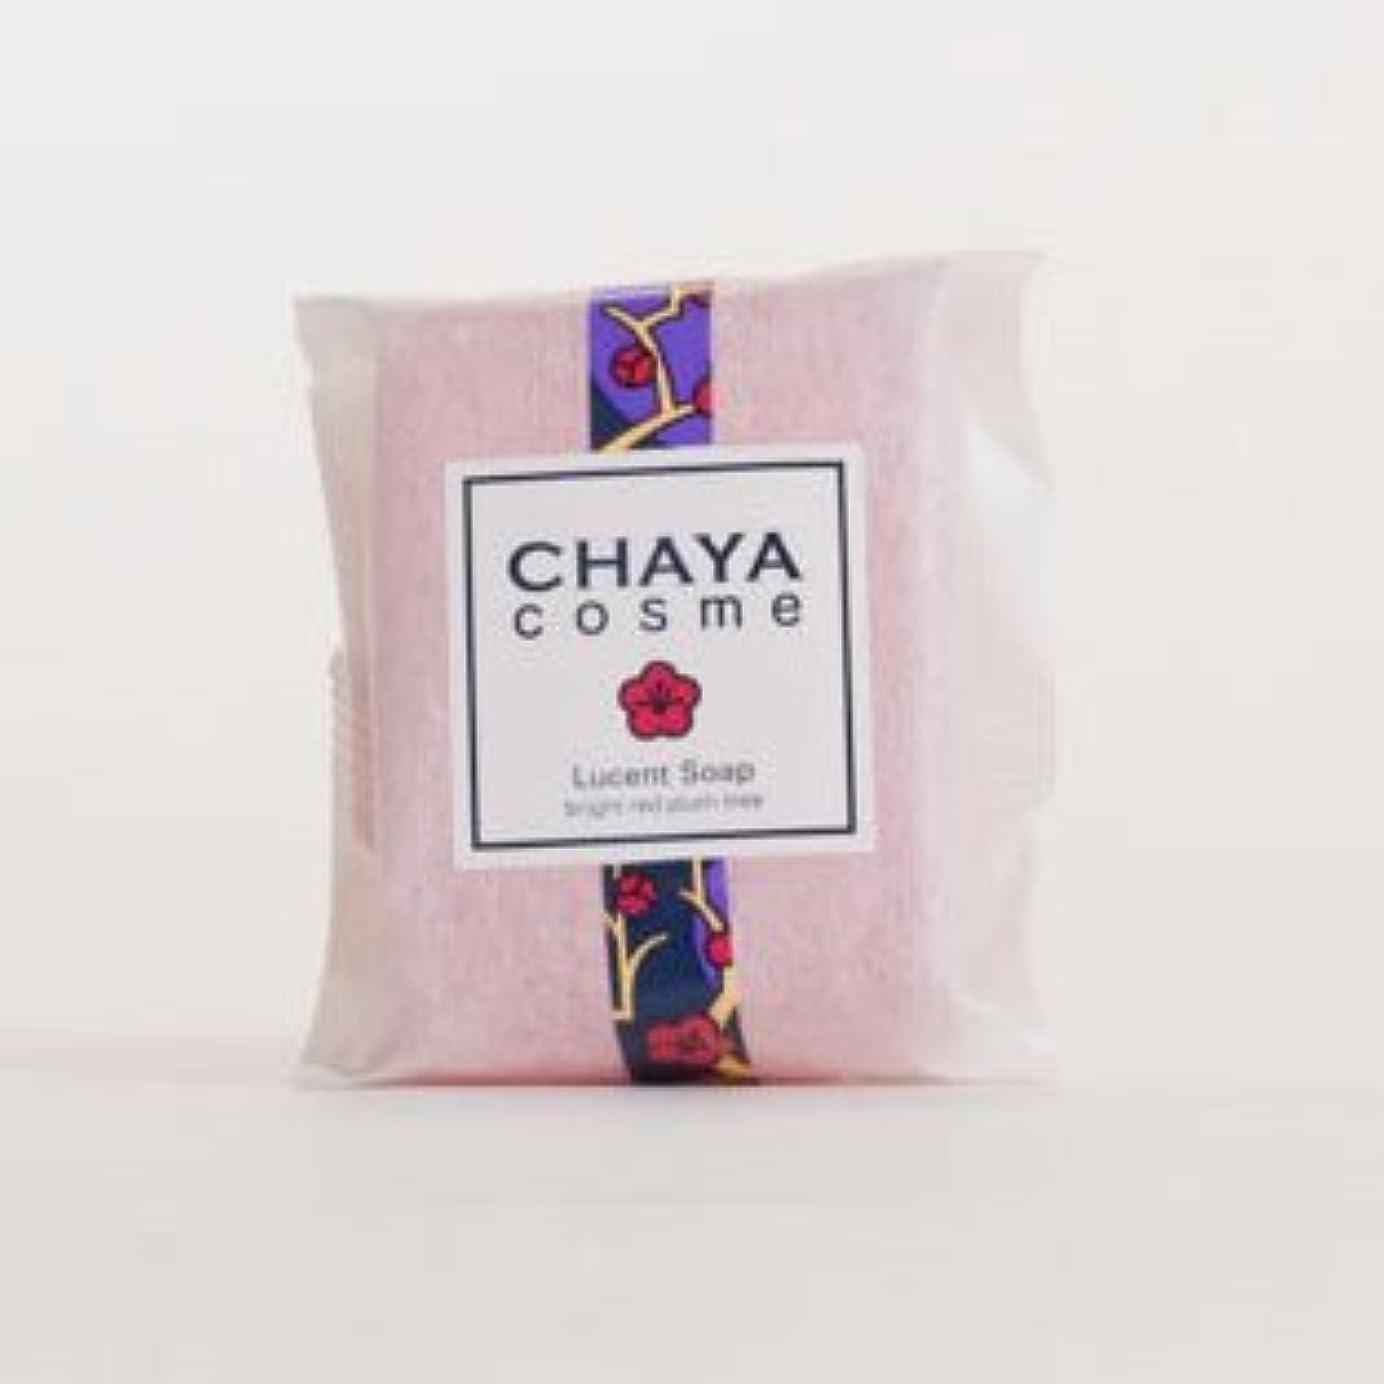 機転伝統的エクスタシー友禅工芸 すずらん CHAYAcosmeルーセントソープ 紅い梅の香り(化粧石けん)